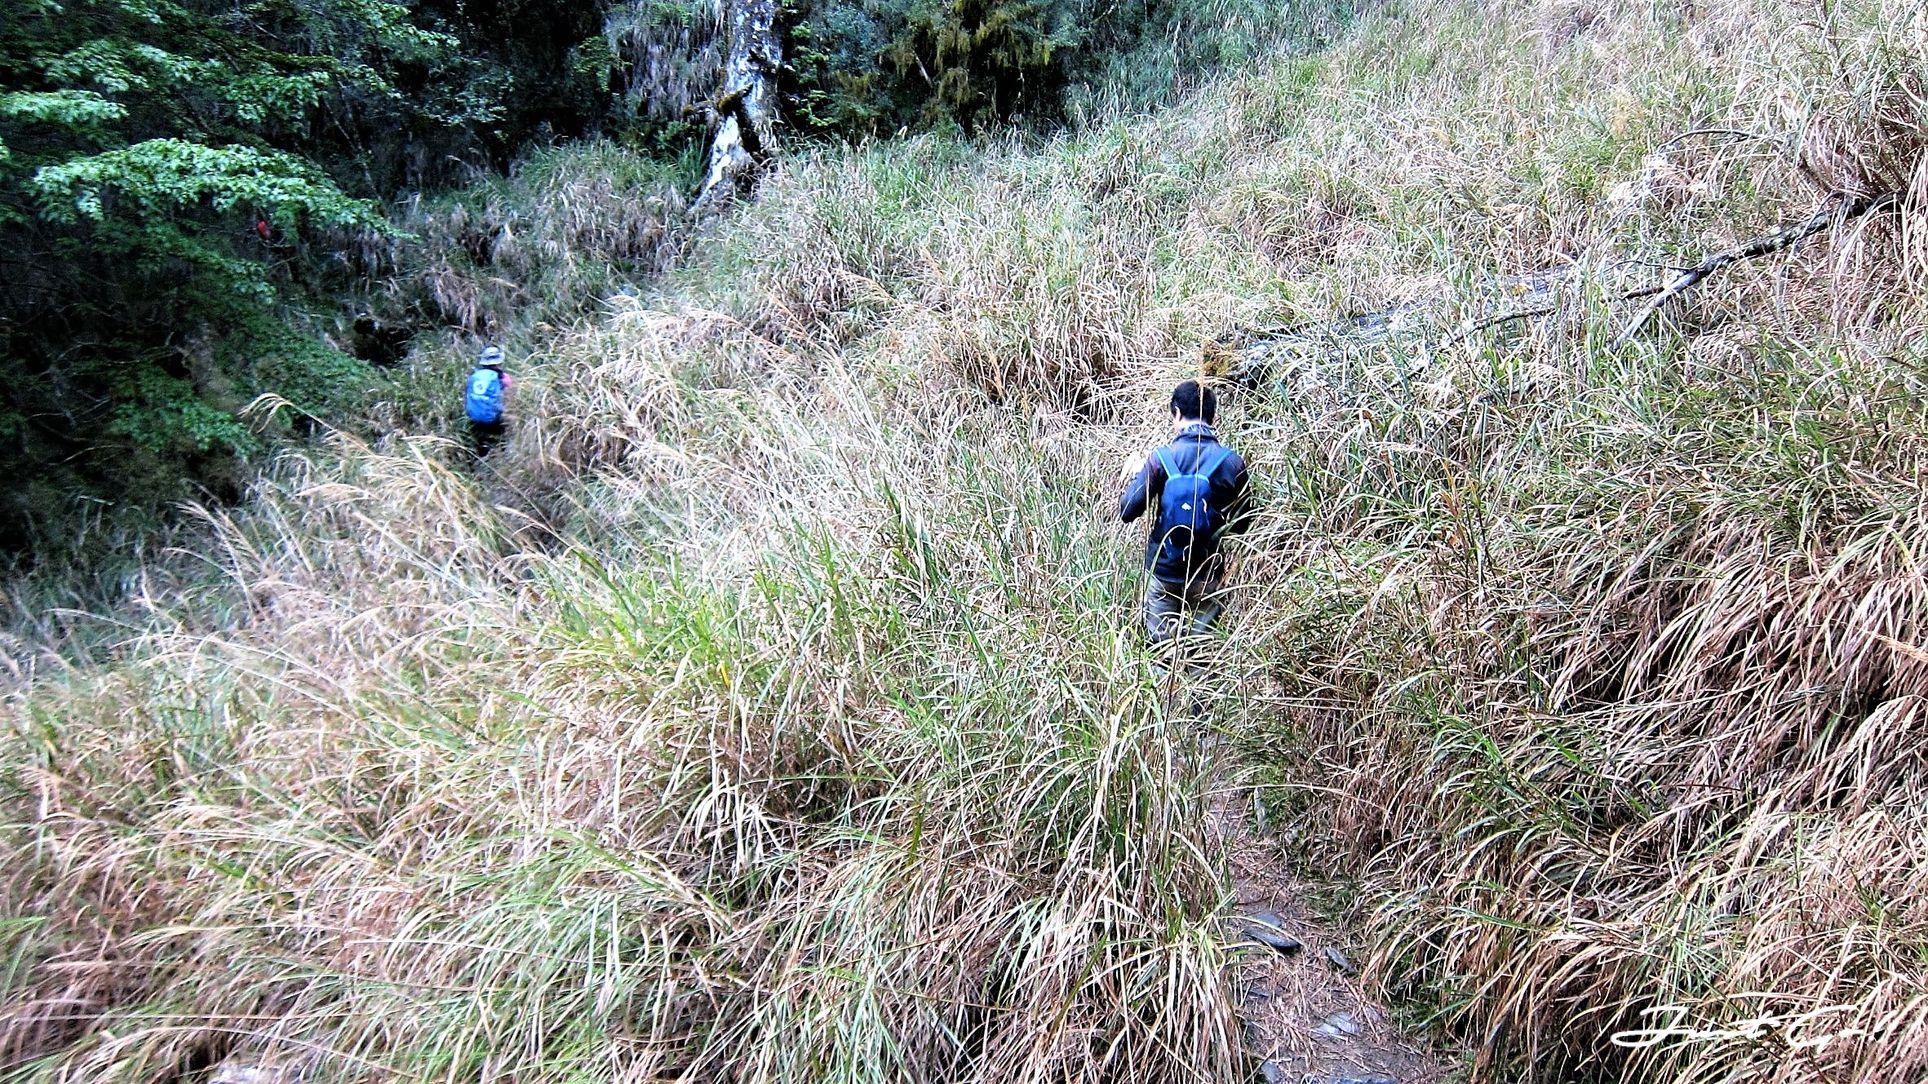 台灣 - 一日百岳·畢祿羊頭縱走單攻紀錄- gpx路線、申請、接駁及遊記20